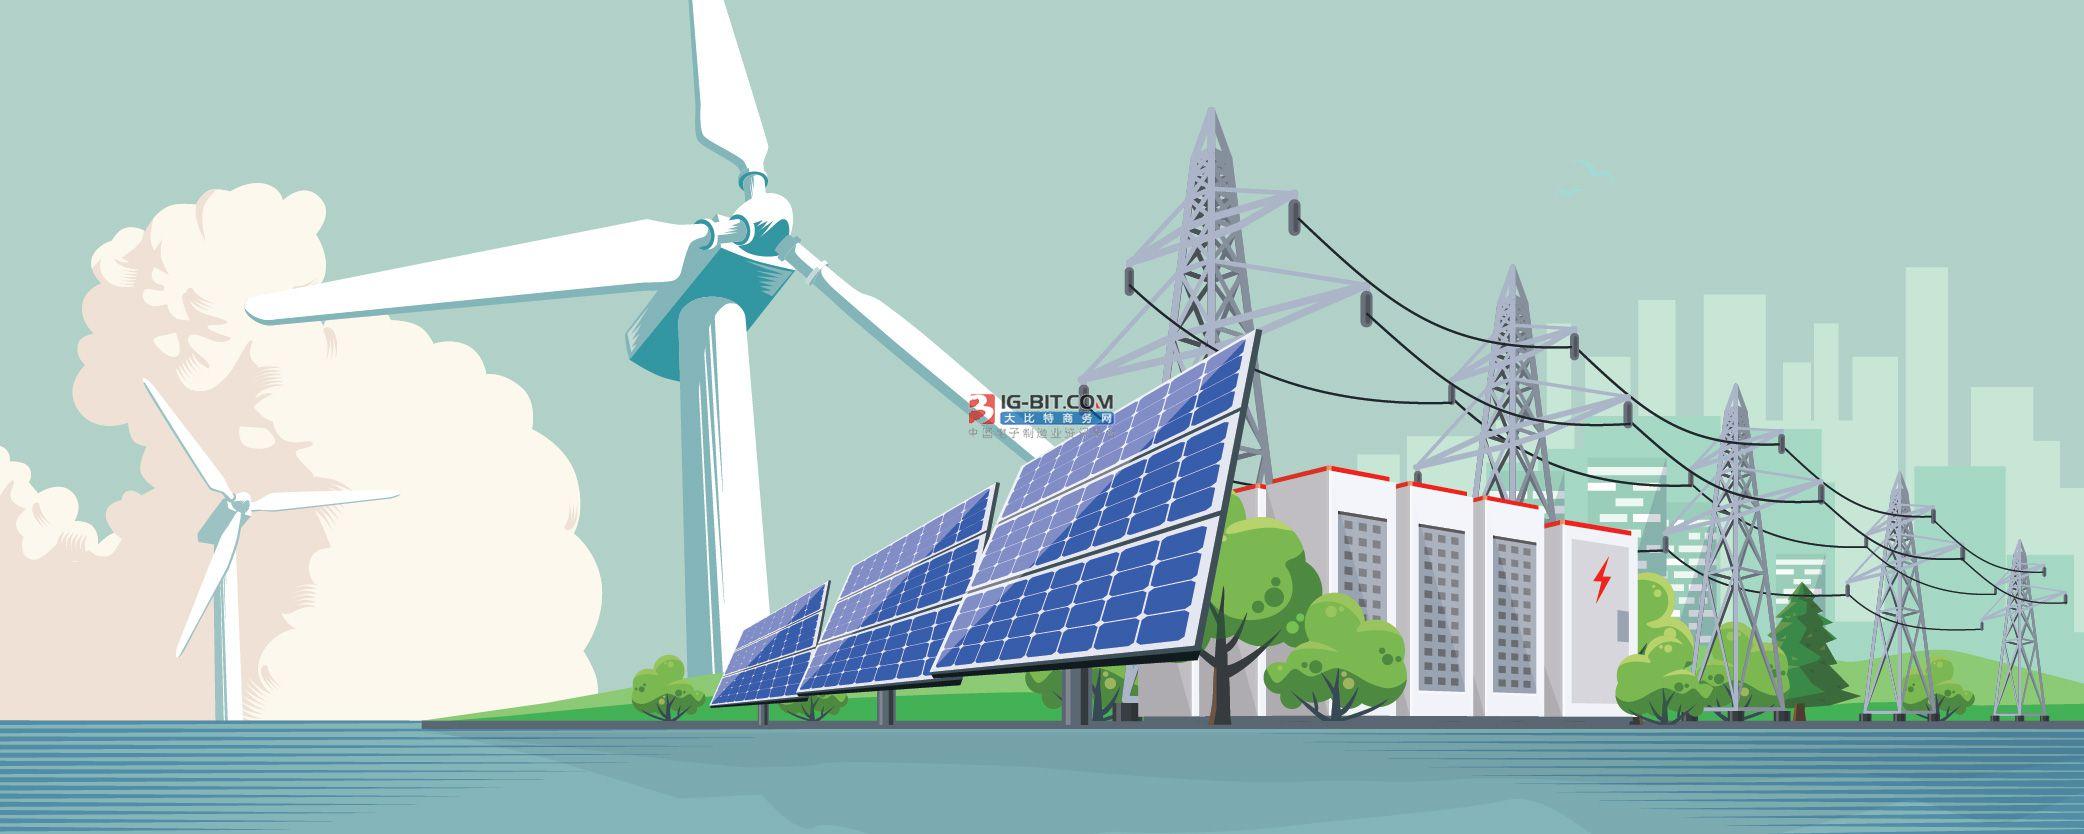 印度司Renew Power计划将可再生能源在5年内达到20GW